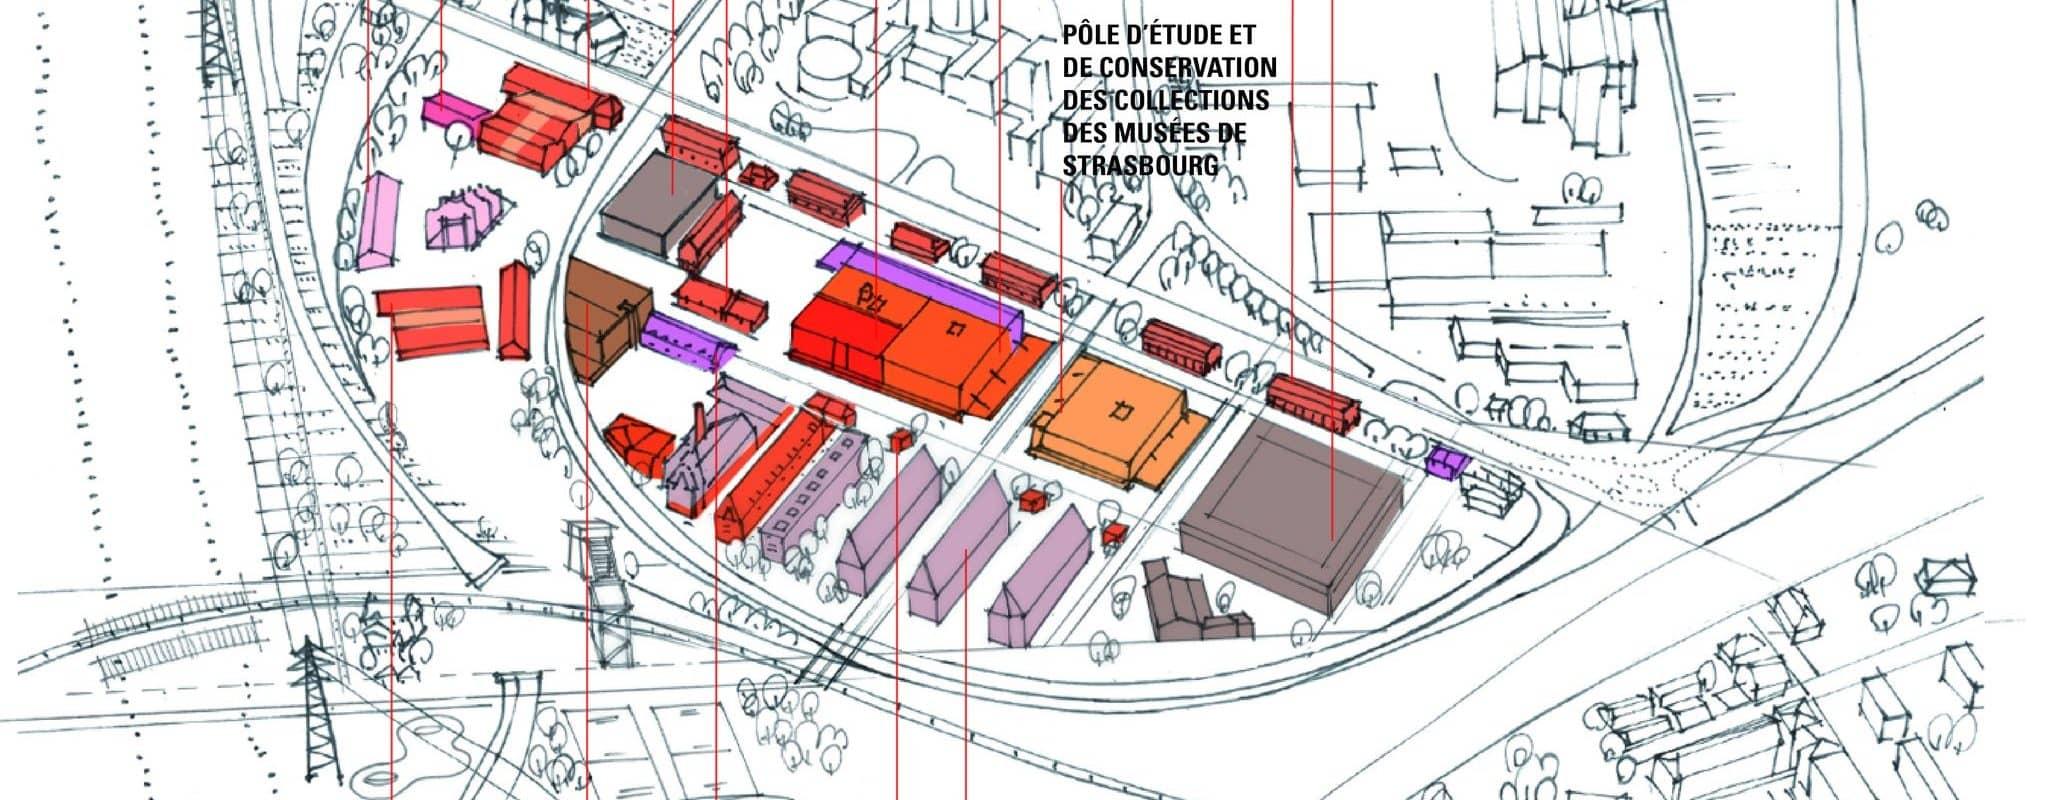 Salle d'expo, Fab lab, ateliers d'artistes et espace de co-working occuperont la partie ouest de la Coop